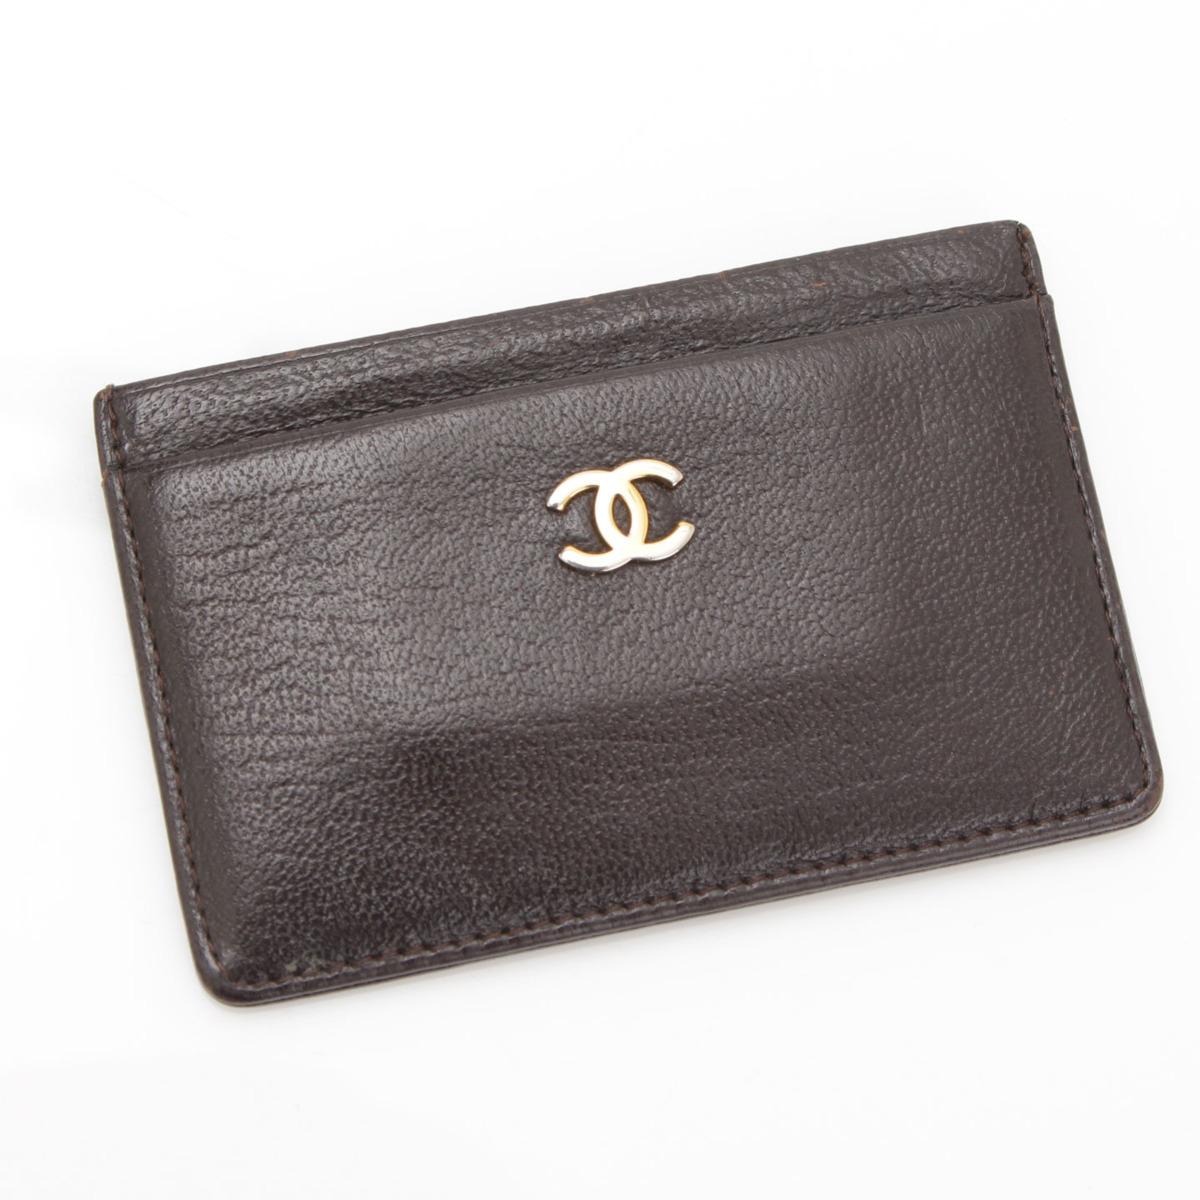 【シャネル】Chanel レザー ココマーク カードケース ブラウン 【中古】【鑑定済・正規品保証】19709